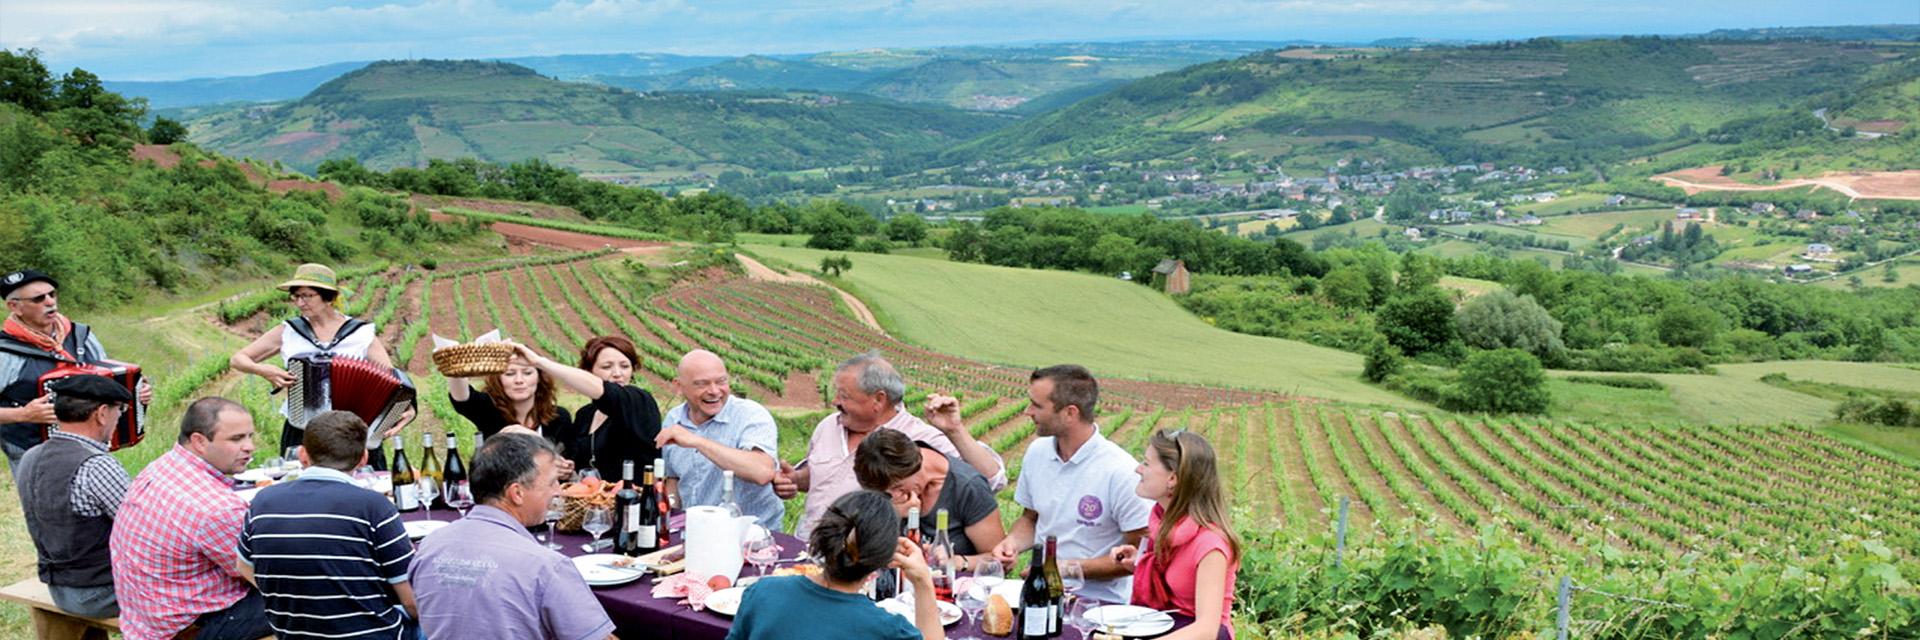 Village_club_vacances_aveyron-cantal-et-ardèche-oustal-pont-les-bains-repas-panorame